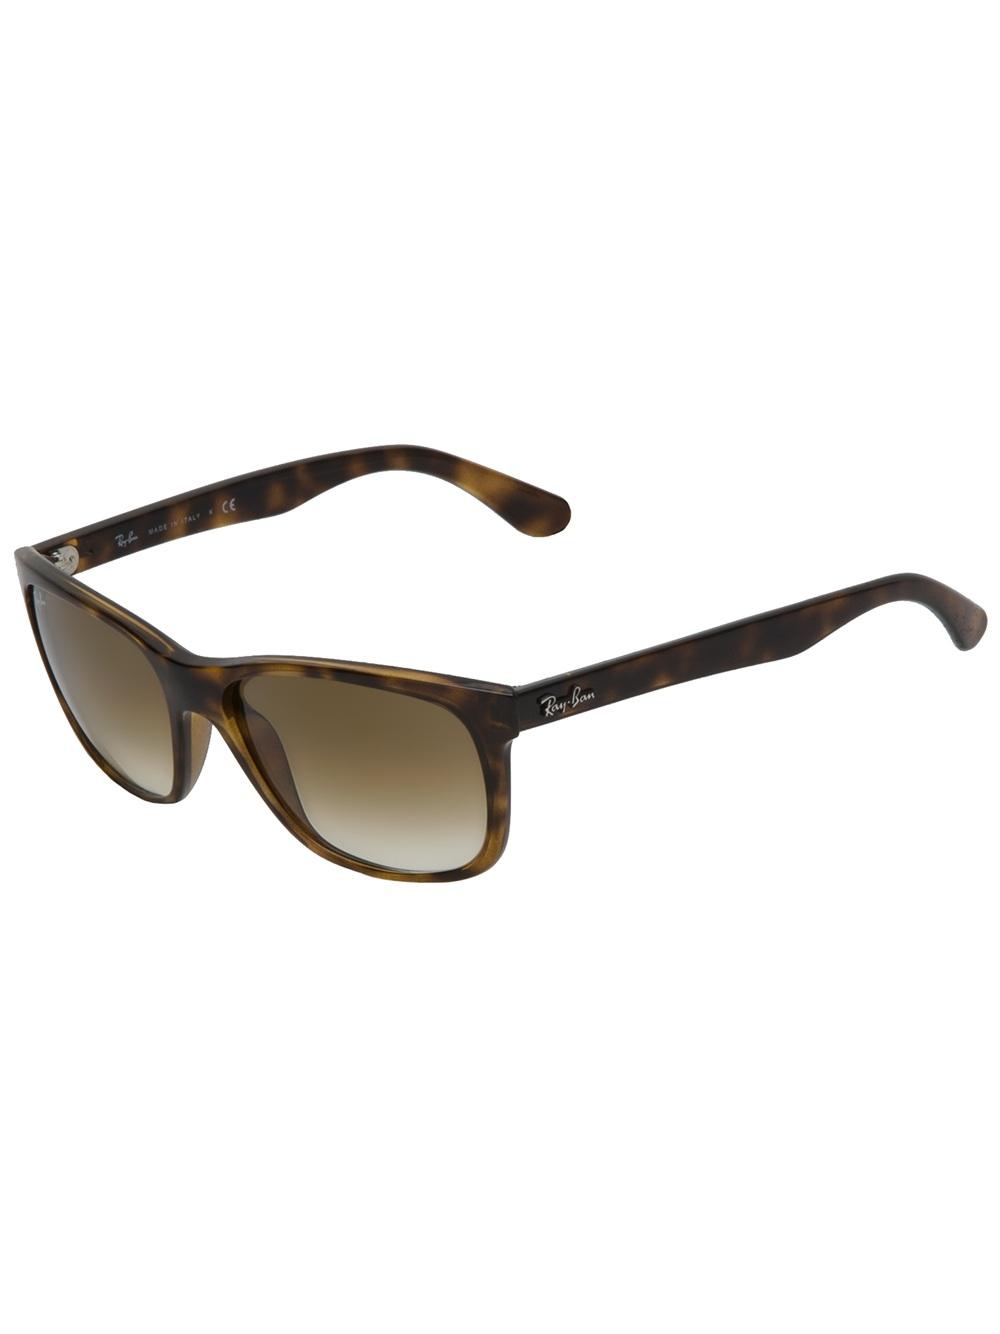 Ray Ban Glasses Frames Tortoise Shell : Ray-ban Tortoise Shell Sunglasses in Brown for Men Lyst